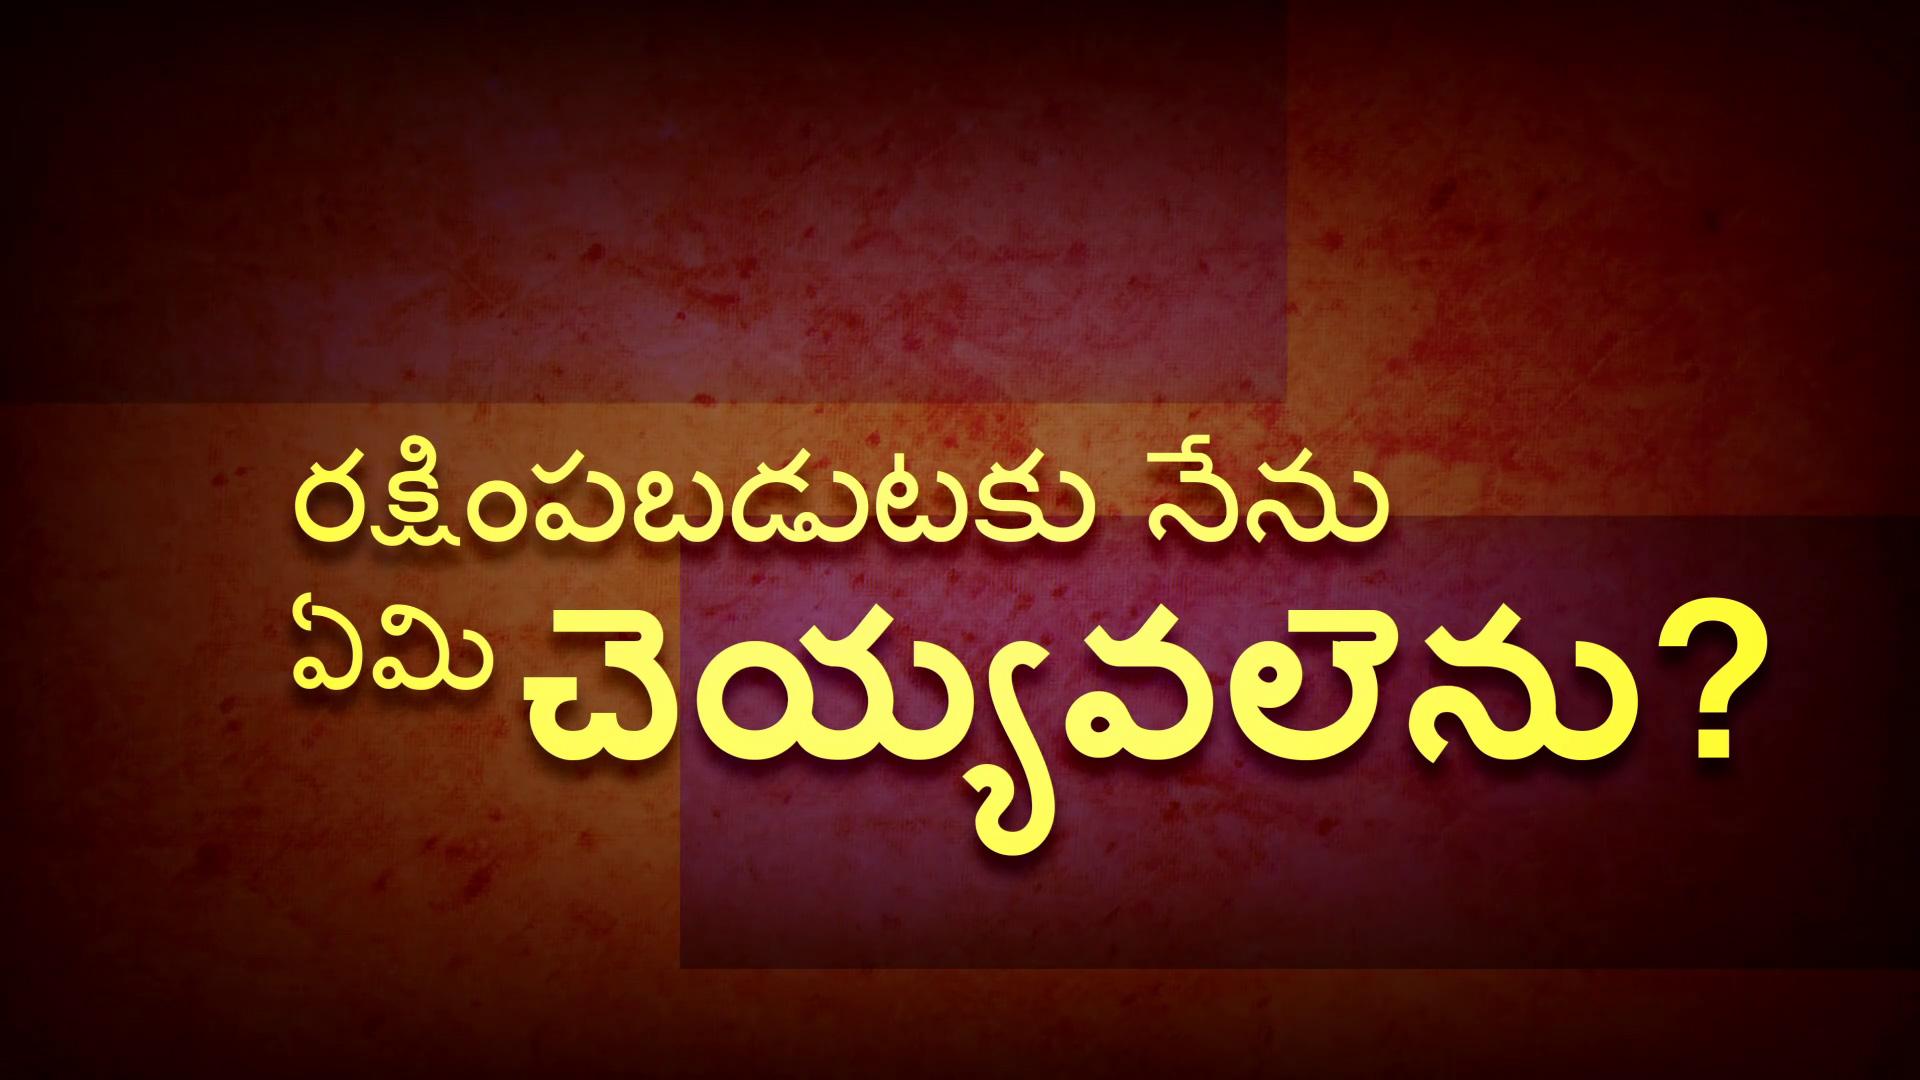 రక్షింపబడుటకు నేను ఏమి చెయ్యవలెను? (What Must I Do To Be Saved?) - Telugu Version